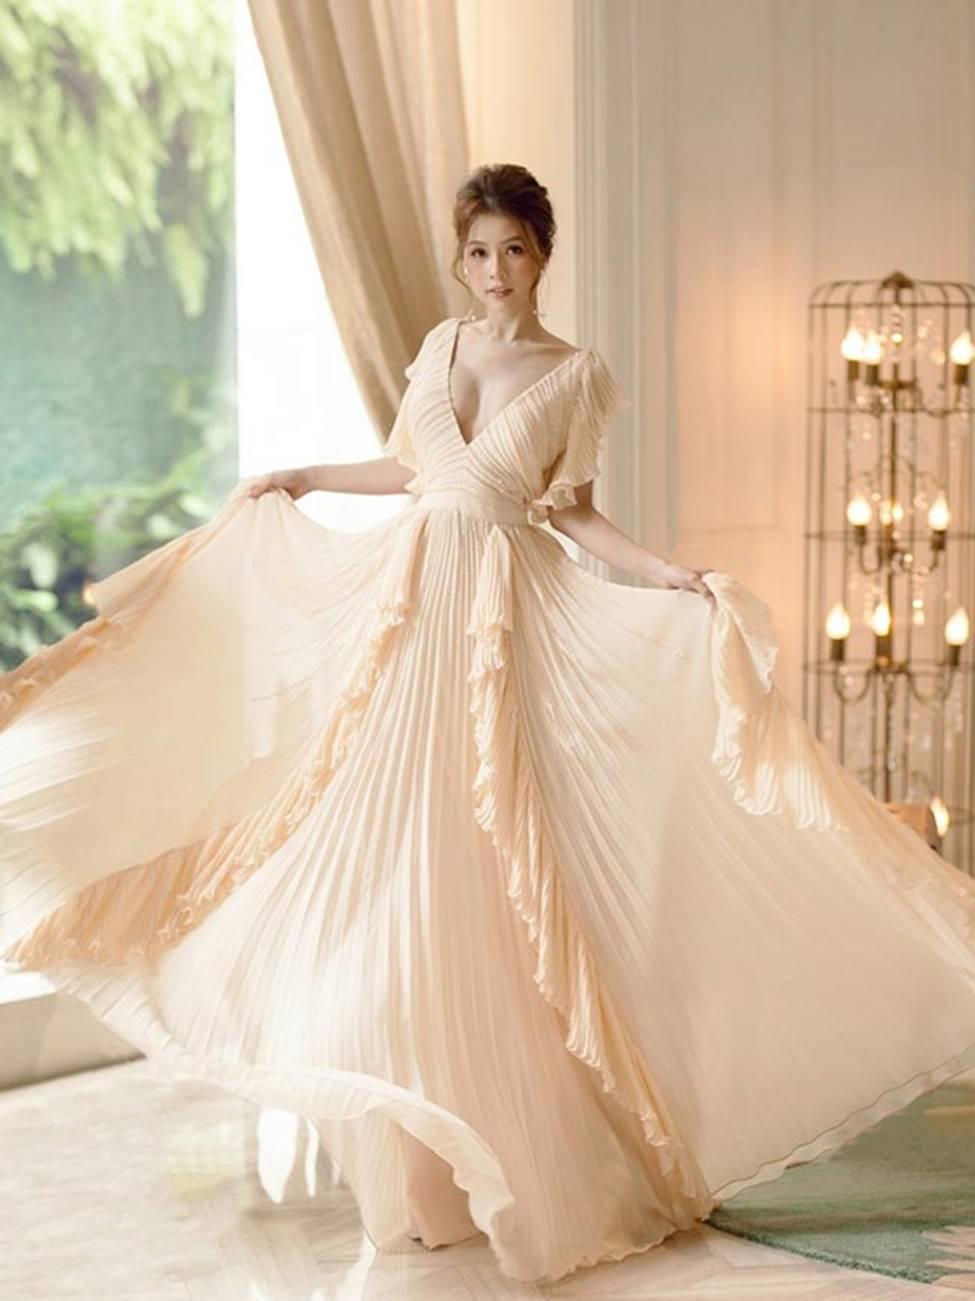 Váy trễ hút ánh nhìn của Chi Pu, Quỳnh búp bê...-13